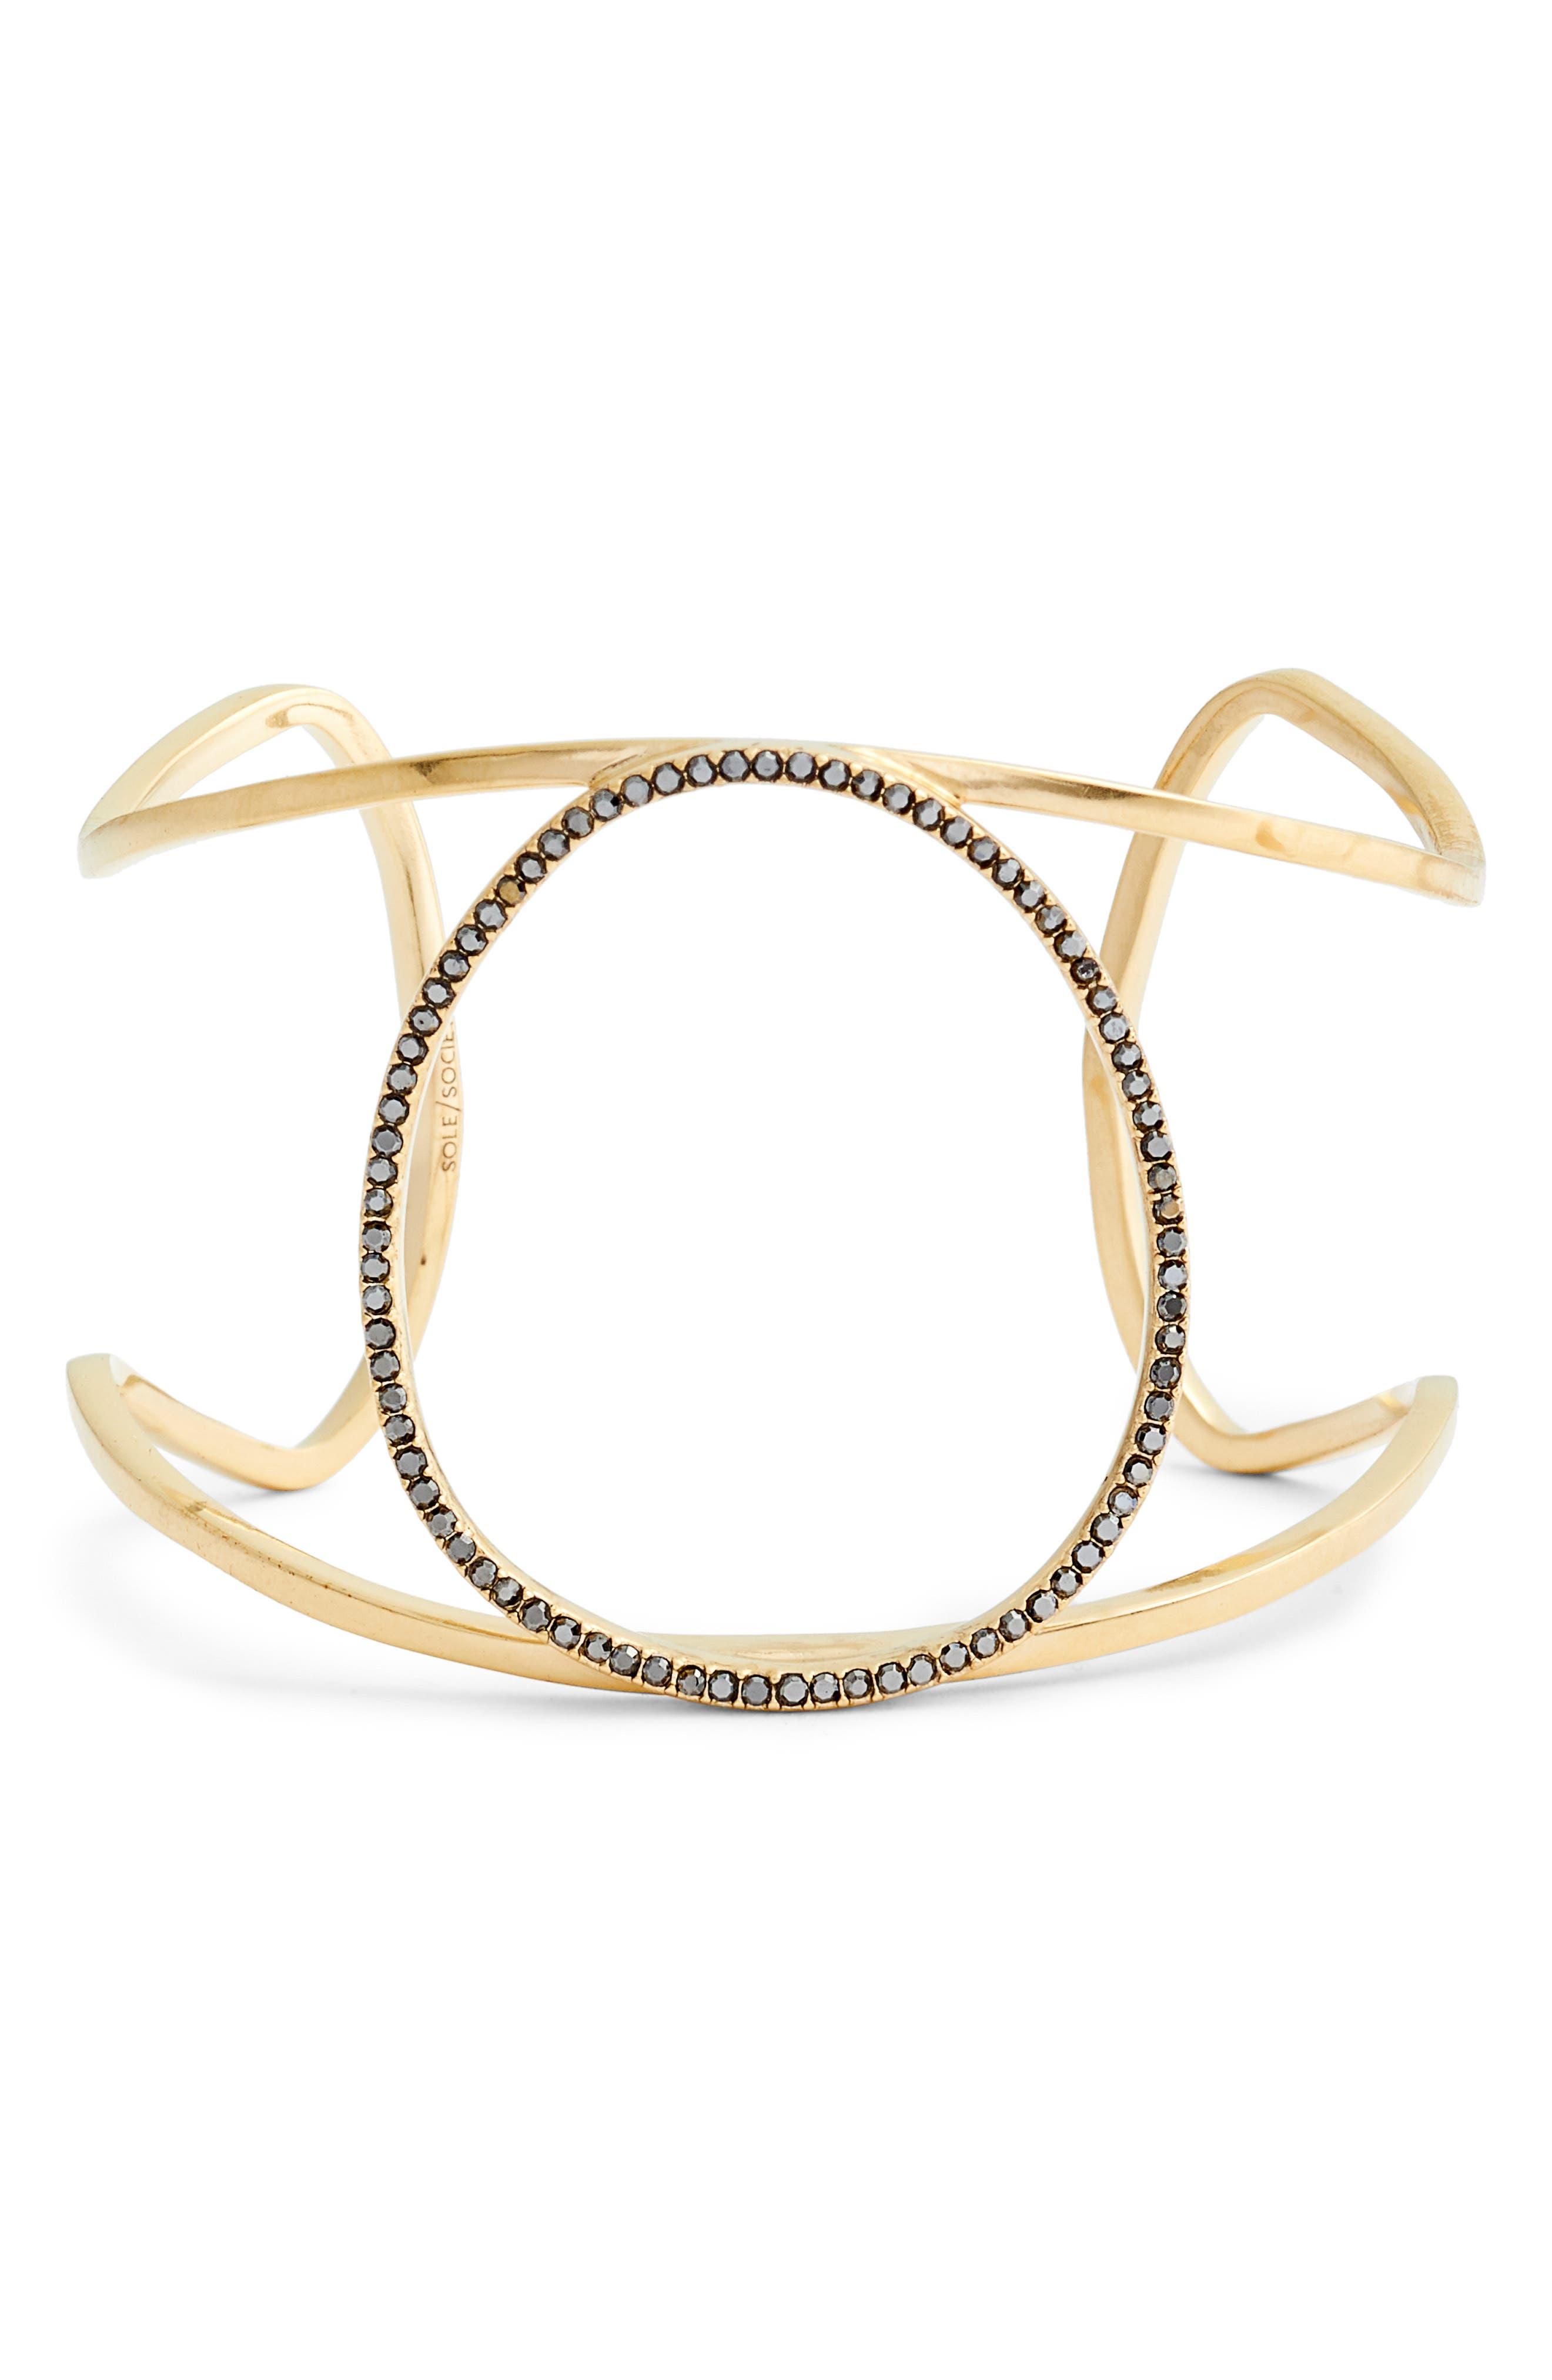 Crystal Embellished Large Cuff Bracelet.,                             Main thumbnail 1, color,                             VINTAGE GOLD/ HEMATITE